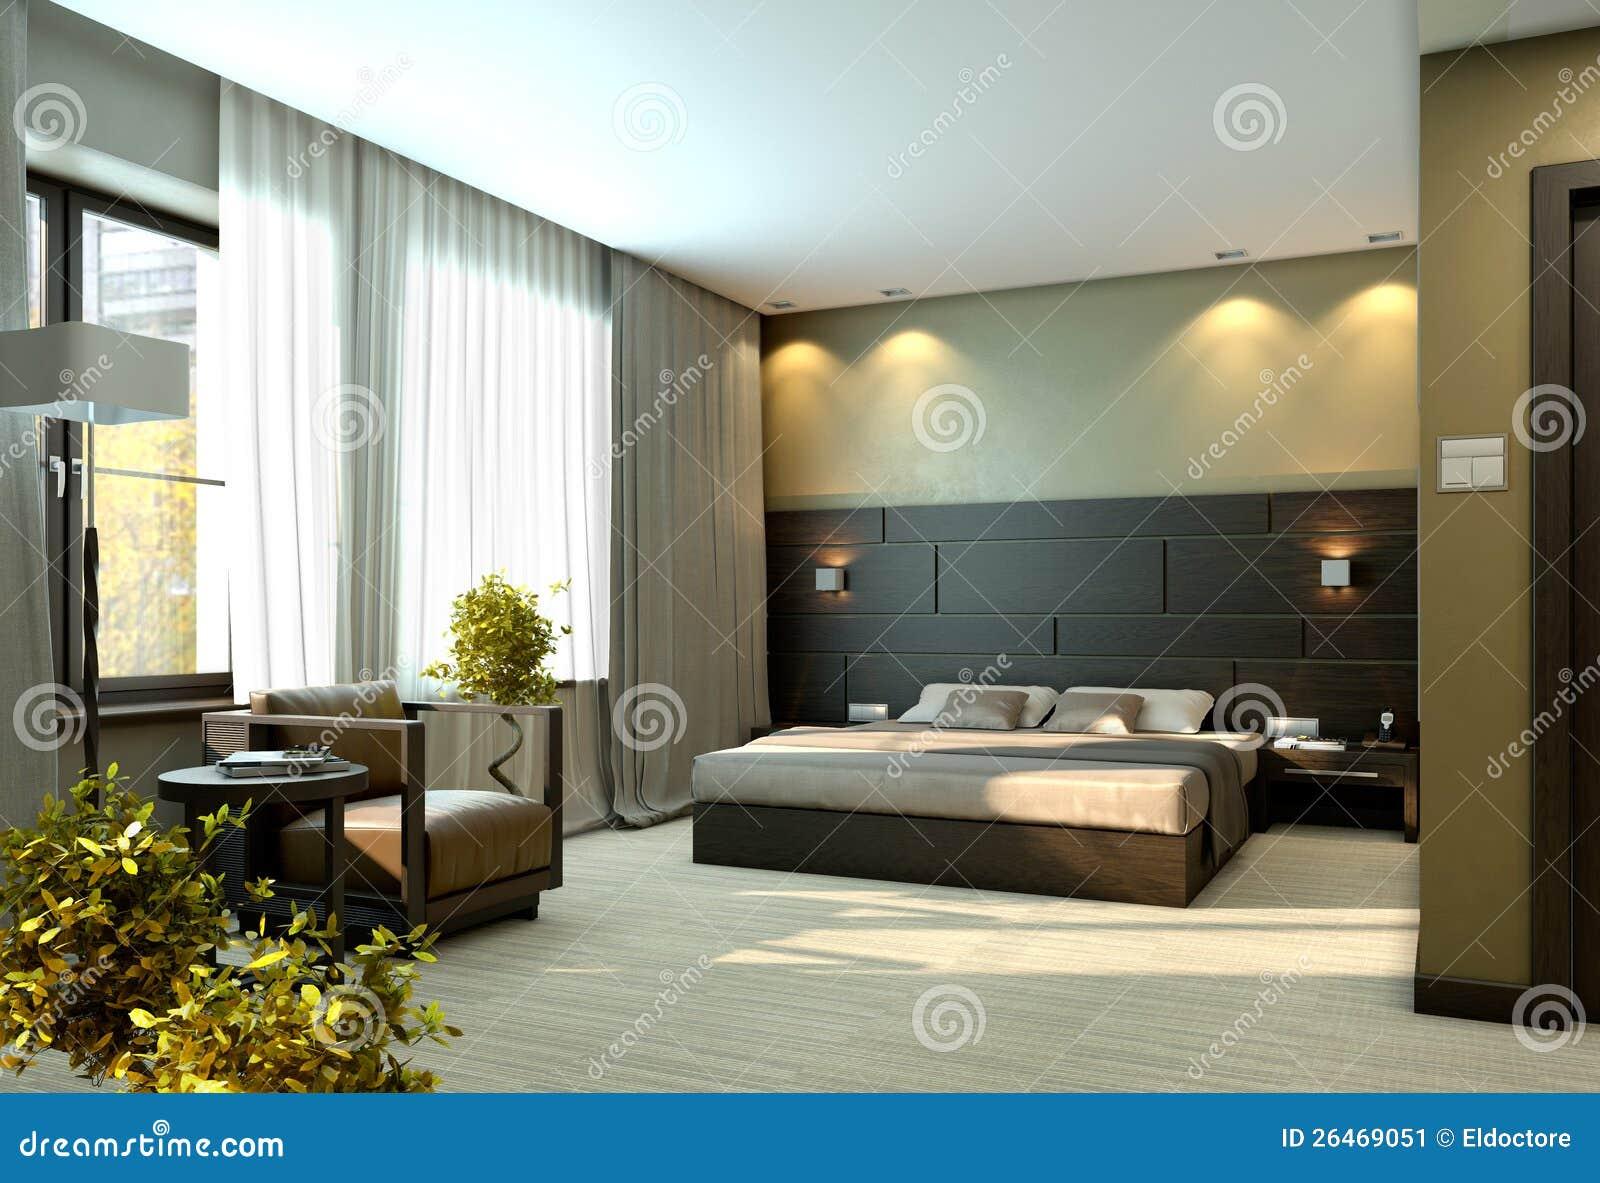 Afbeelding Slaapkamer : Moderne Luxe Beige Slaapkamer Stock Afbeelding ...